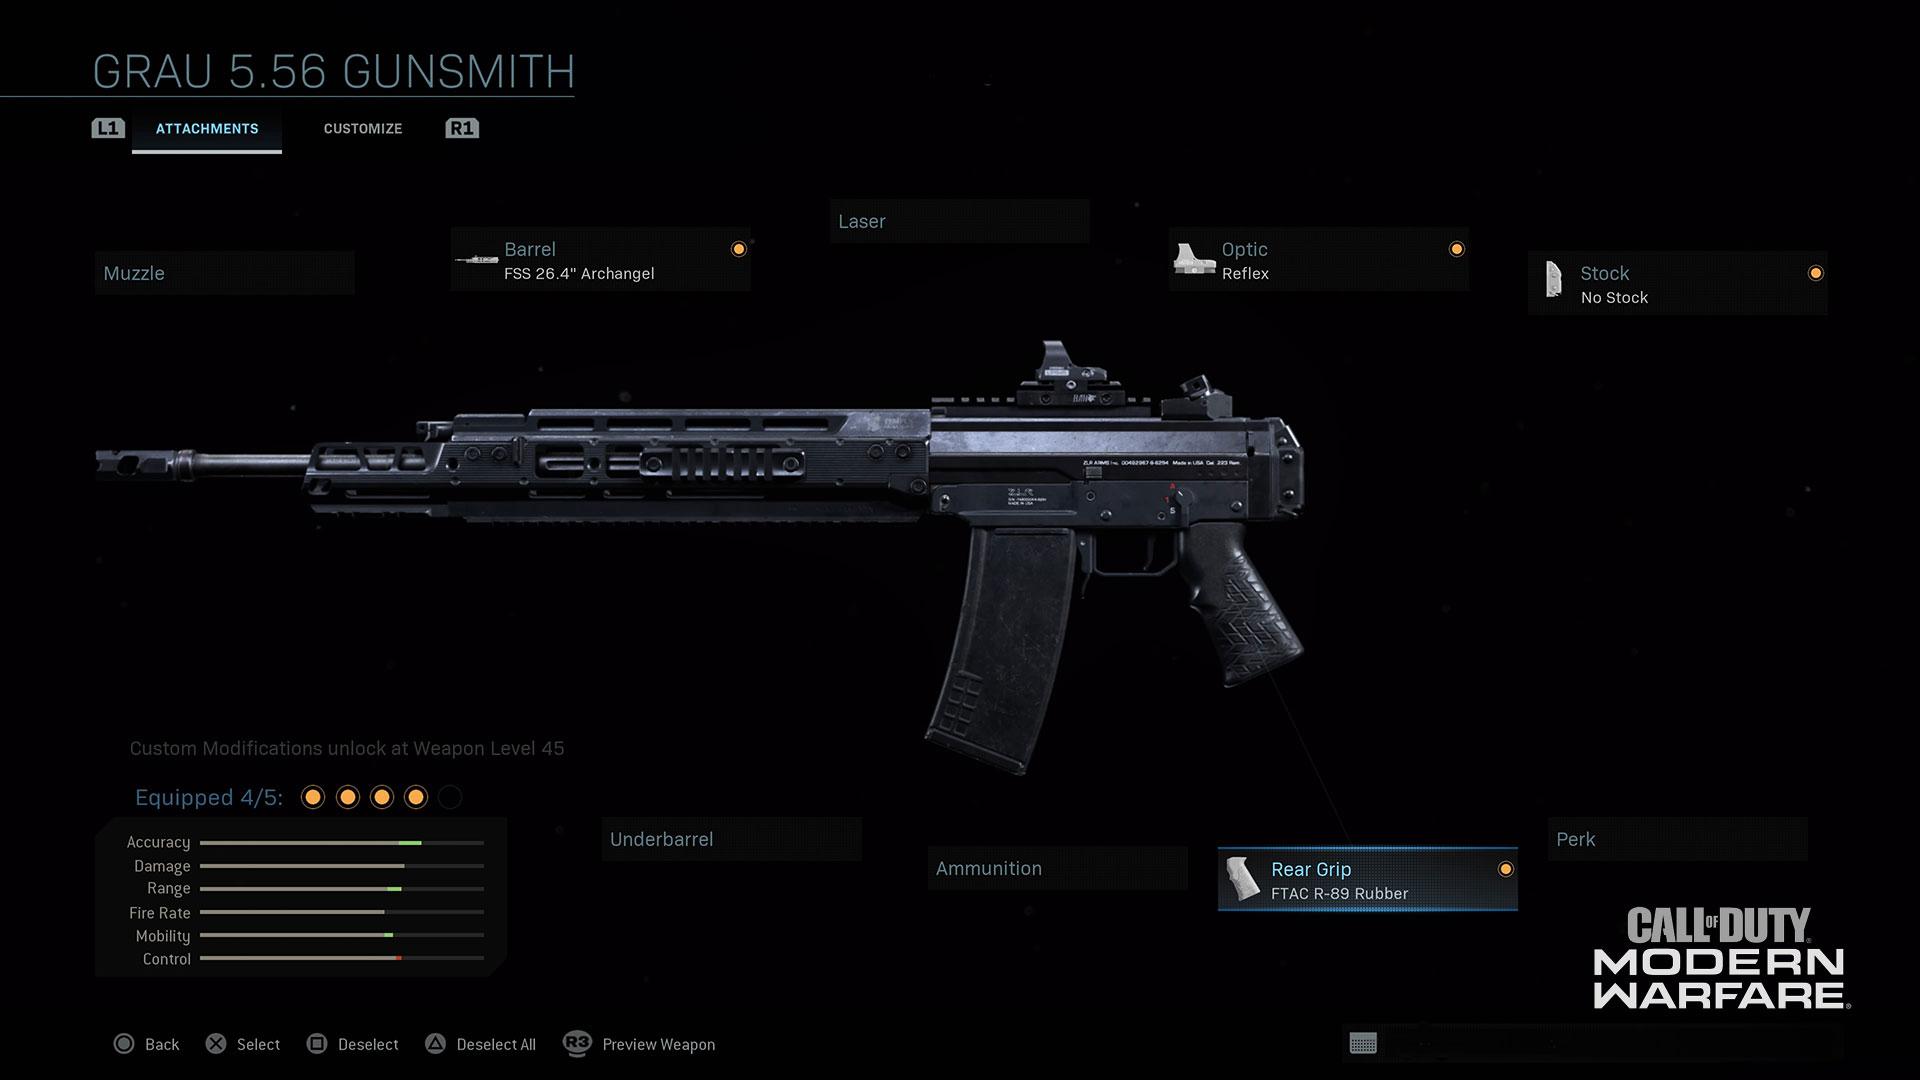 Modern Warfare® Weapon Detail: Grau 5.56 - Image 1